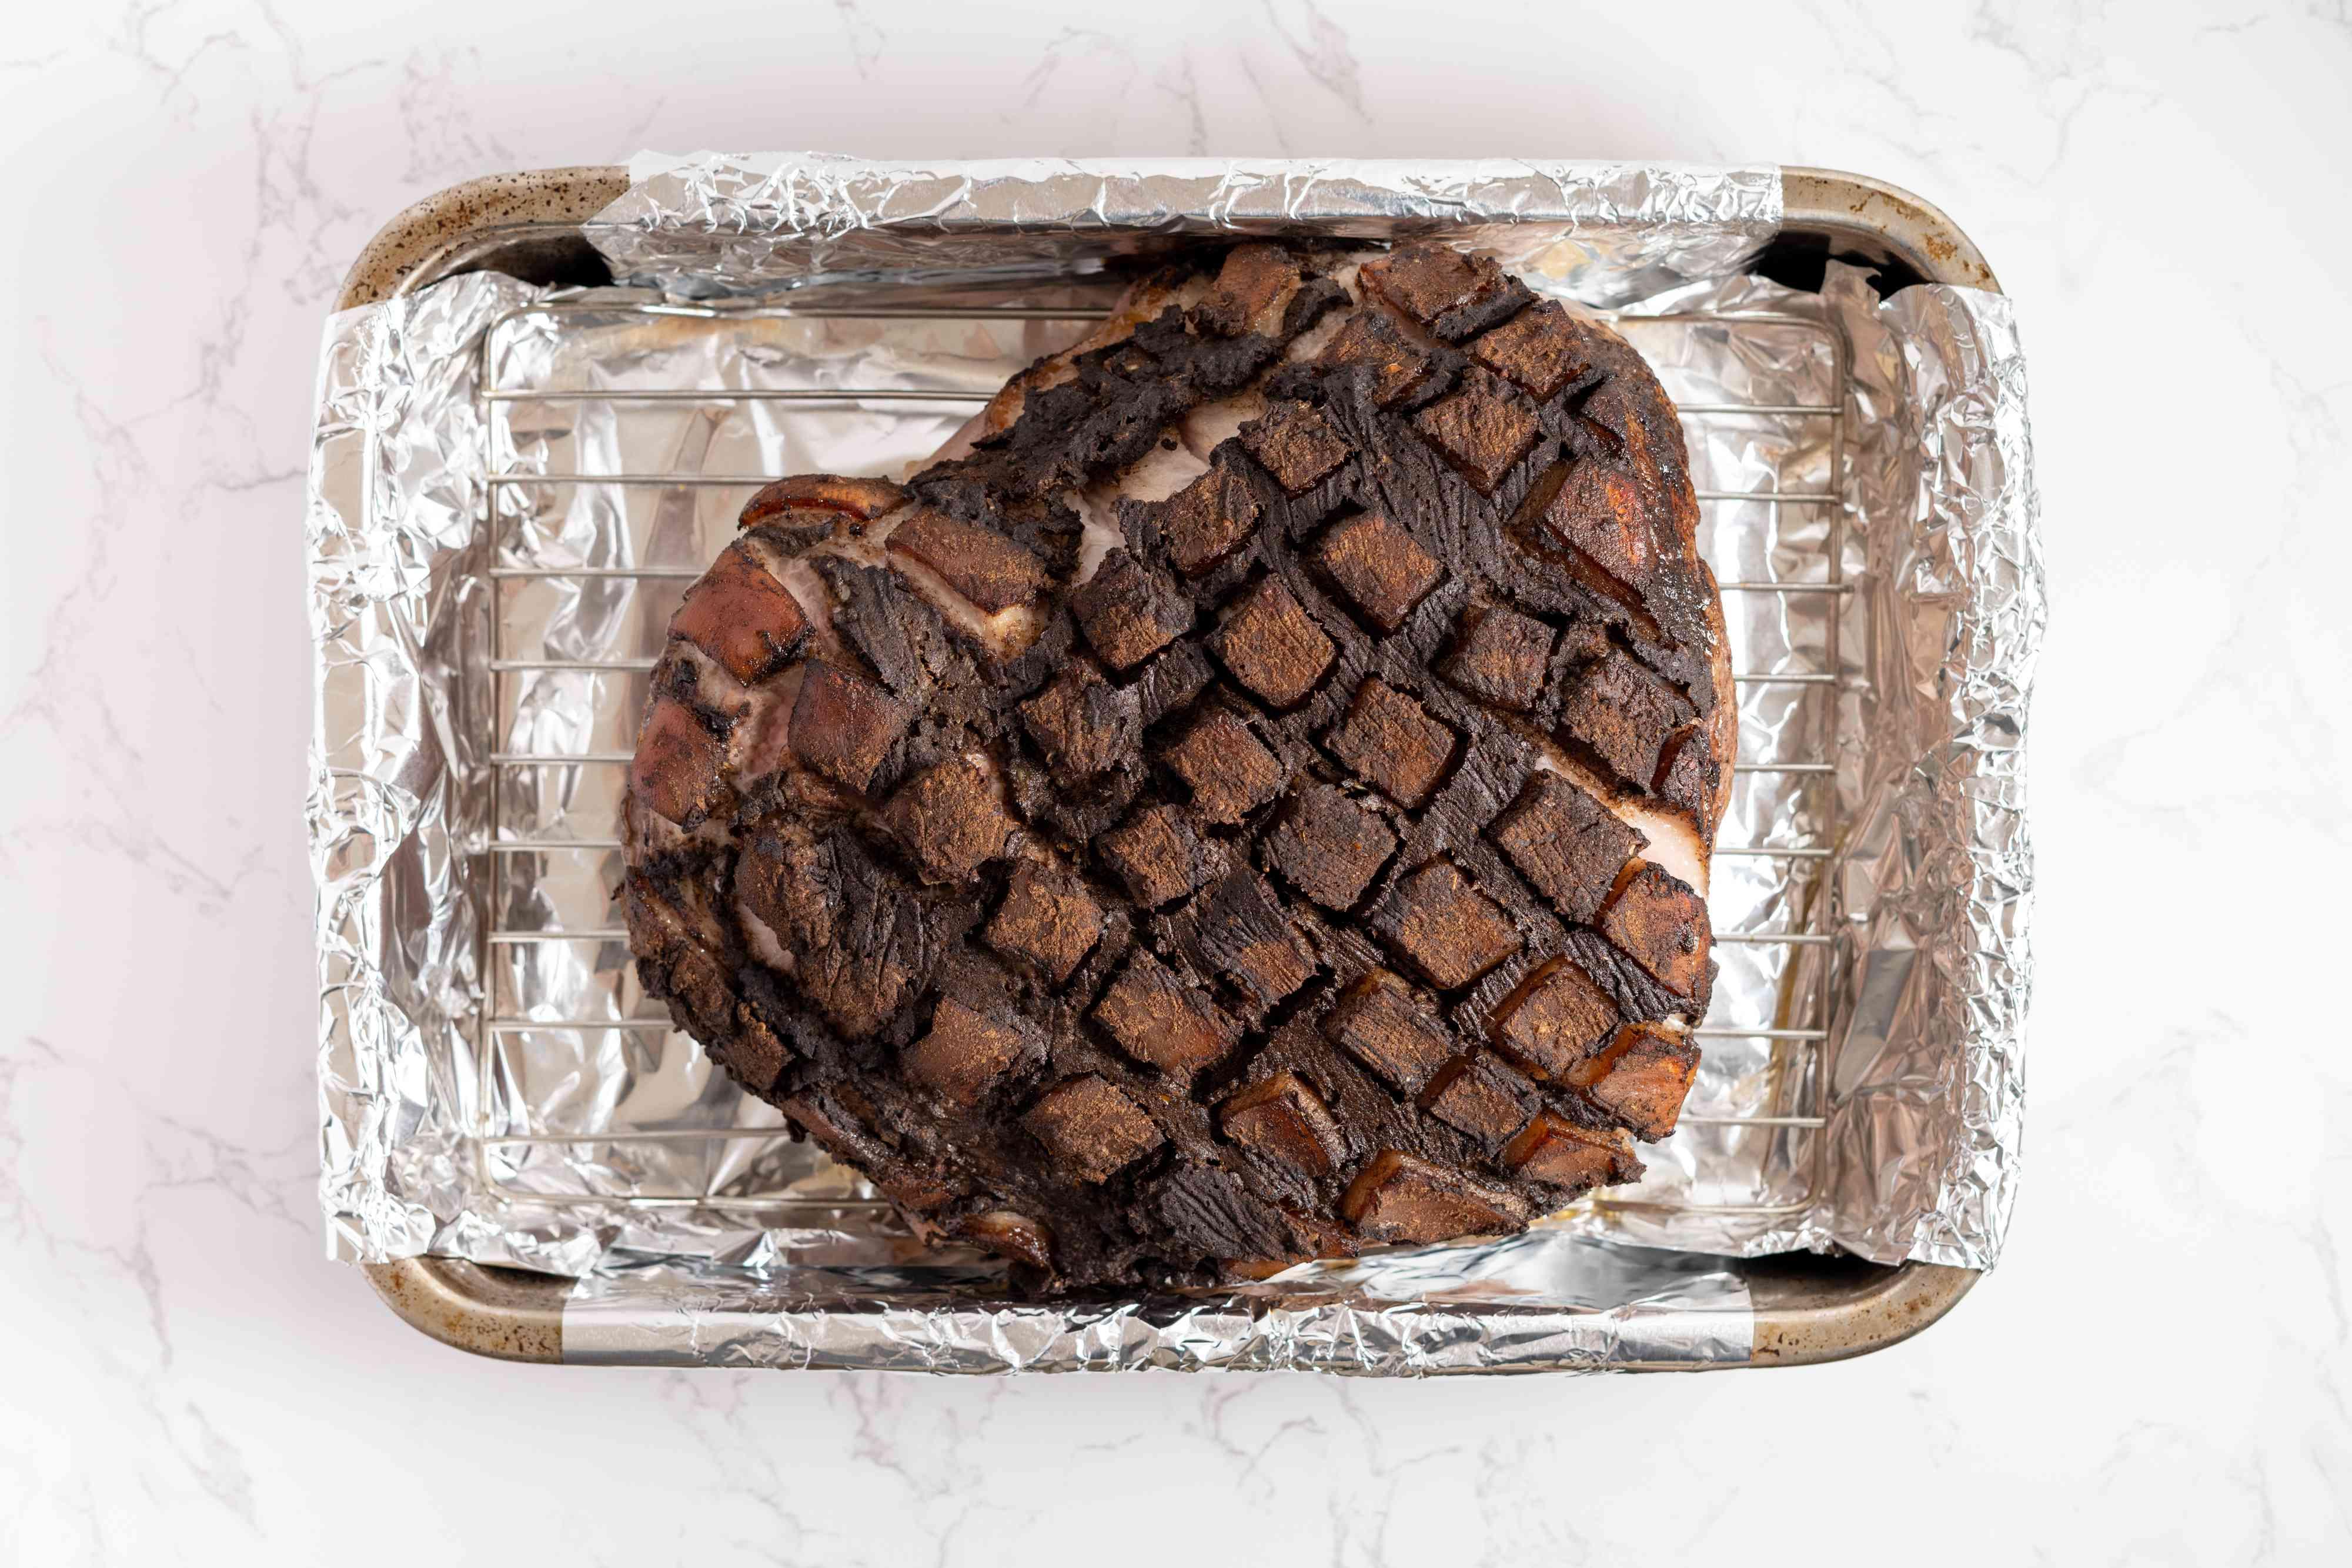 roasted pork in a roasting pan